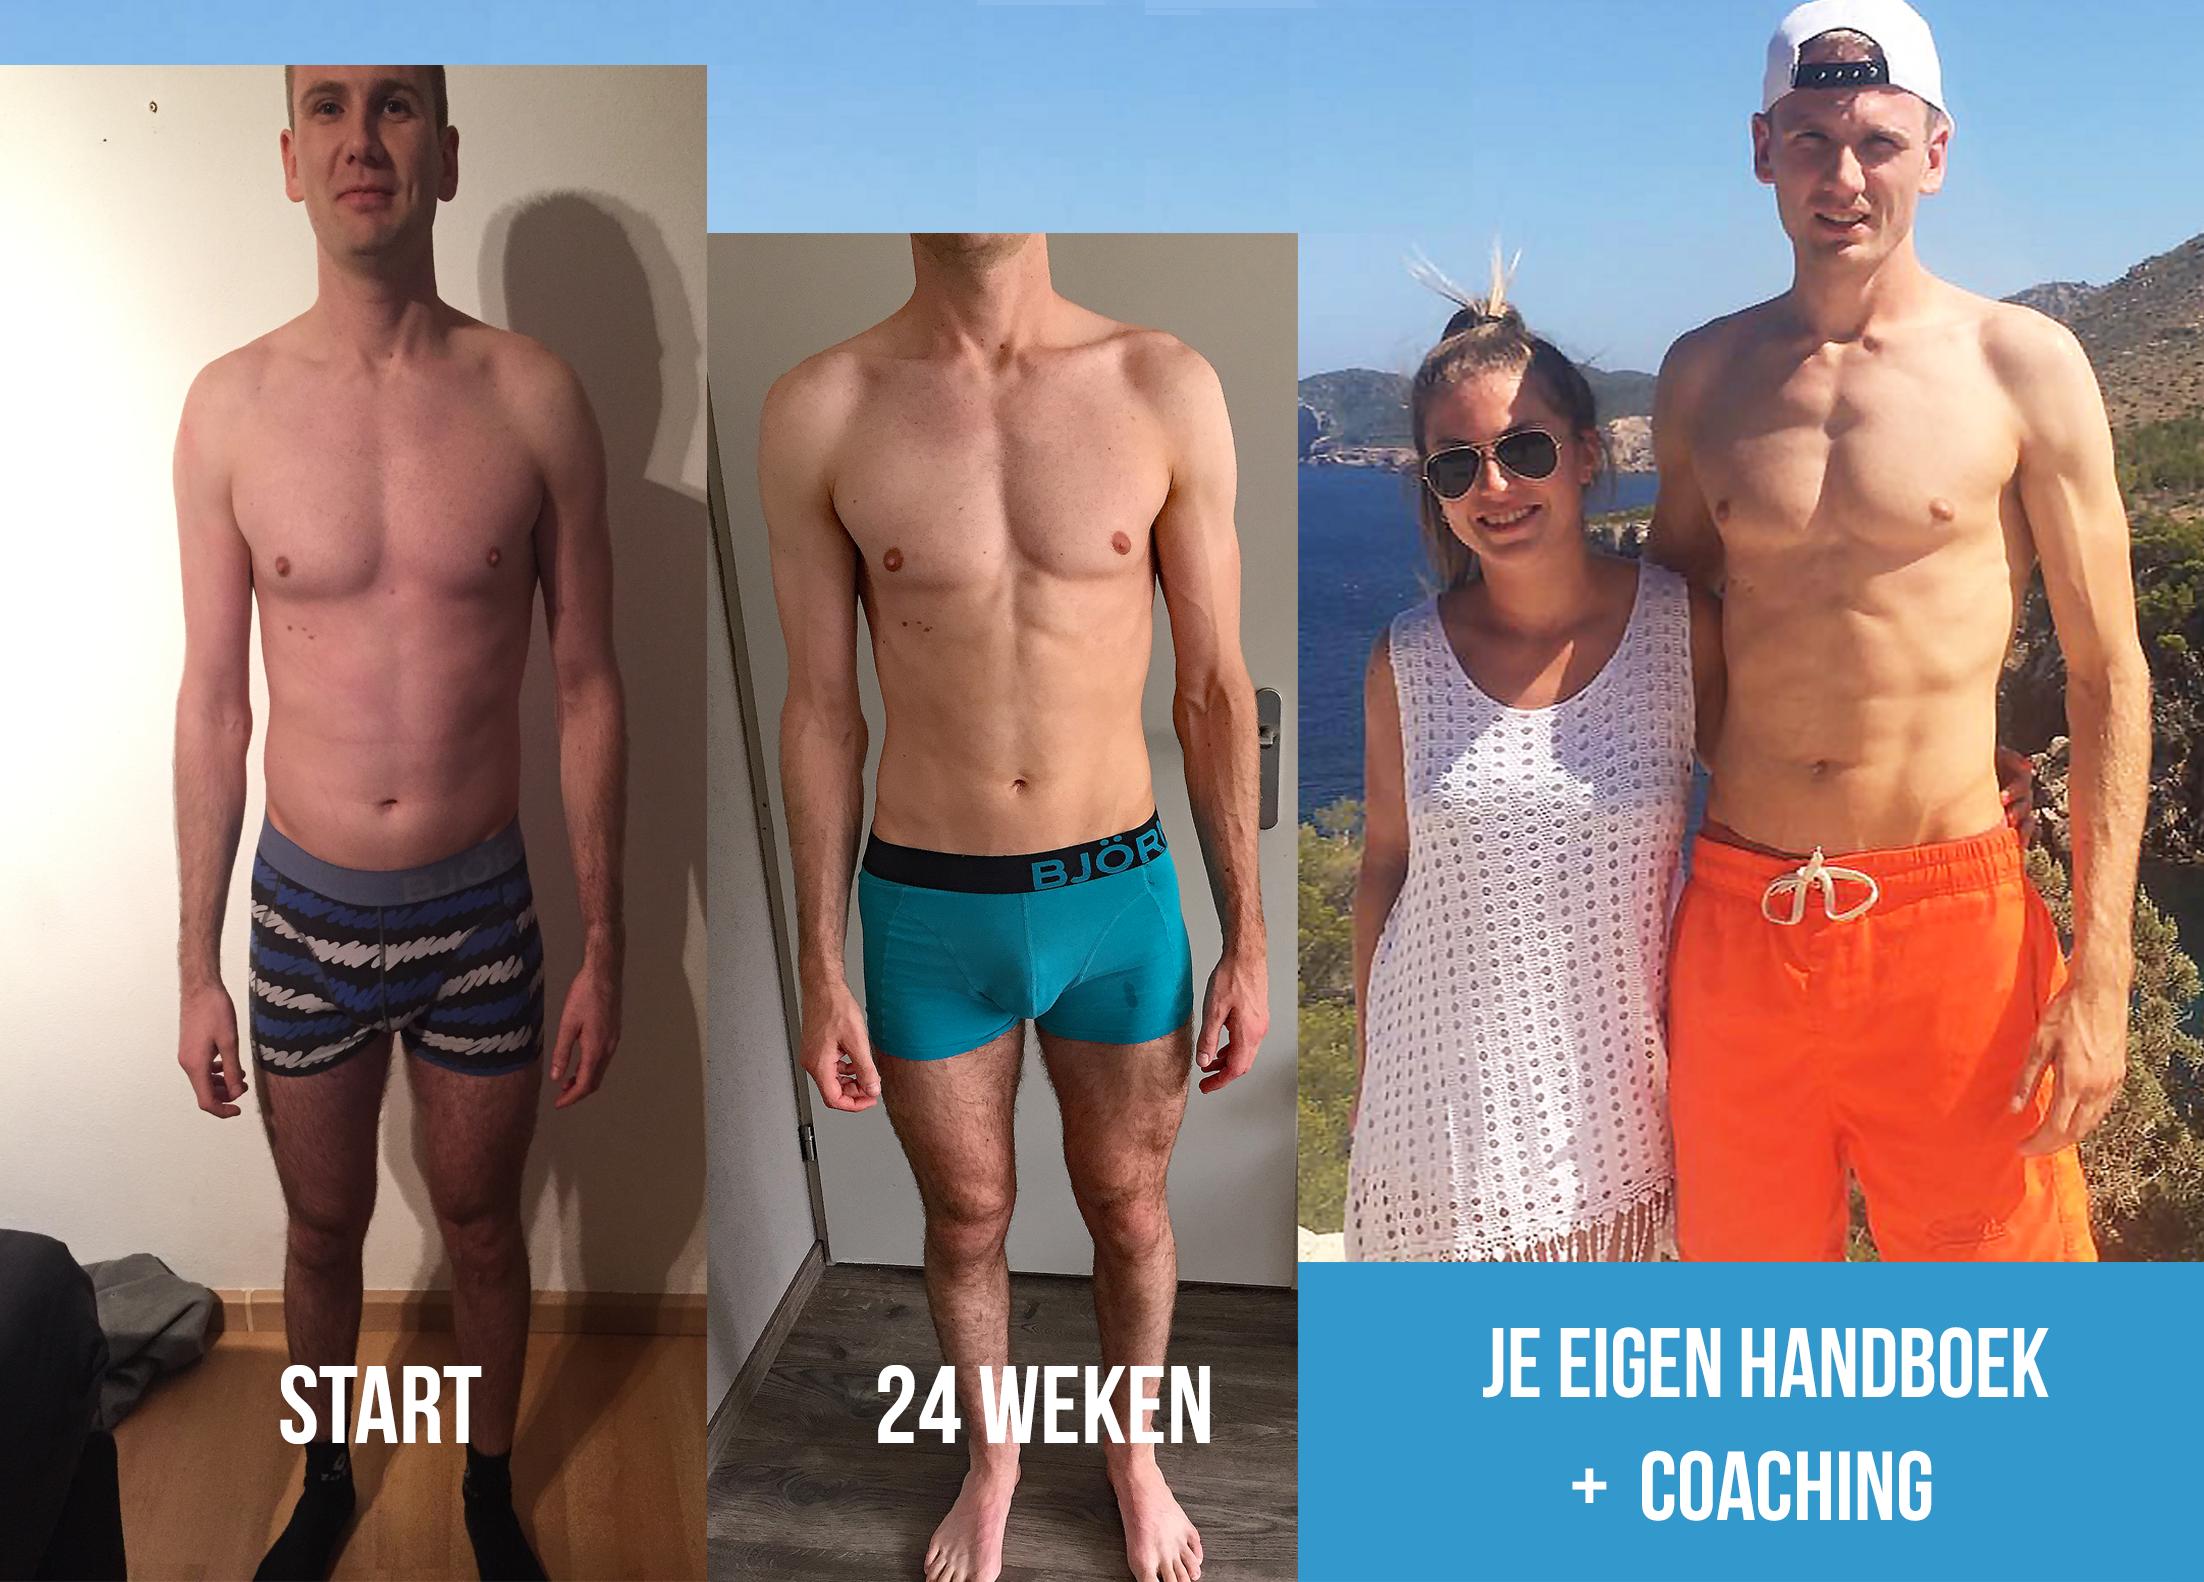 'Ik had echt het gevoel dat ik al 3,5 jaar voor niks trainde.'